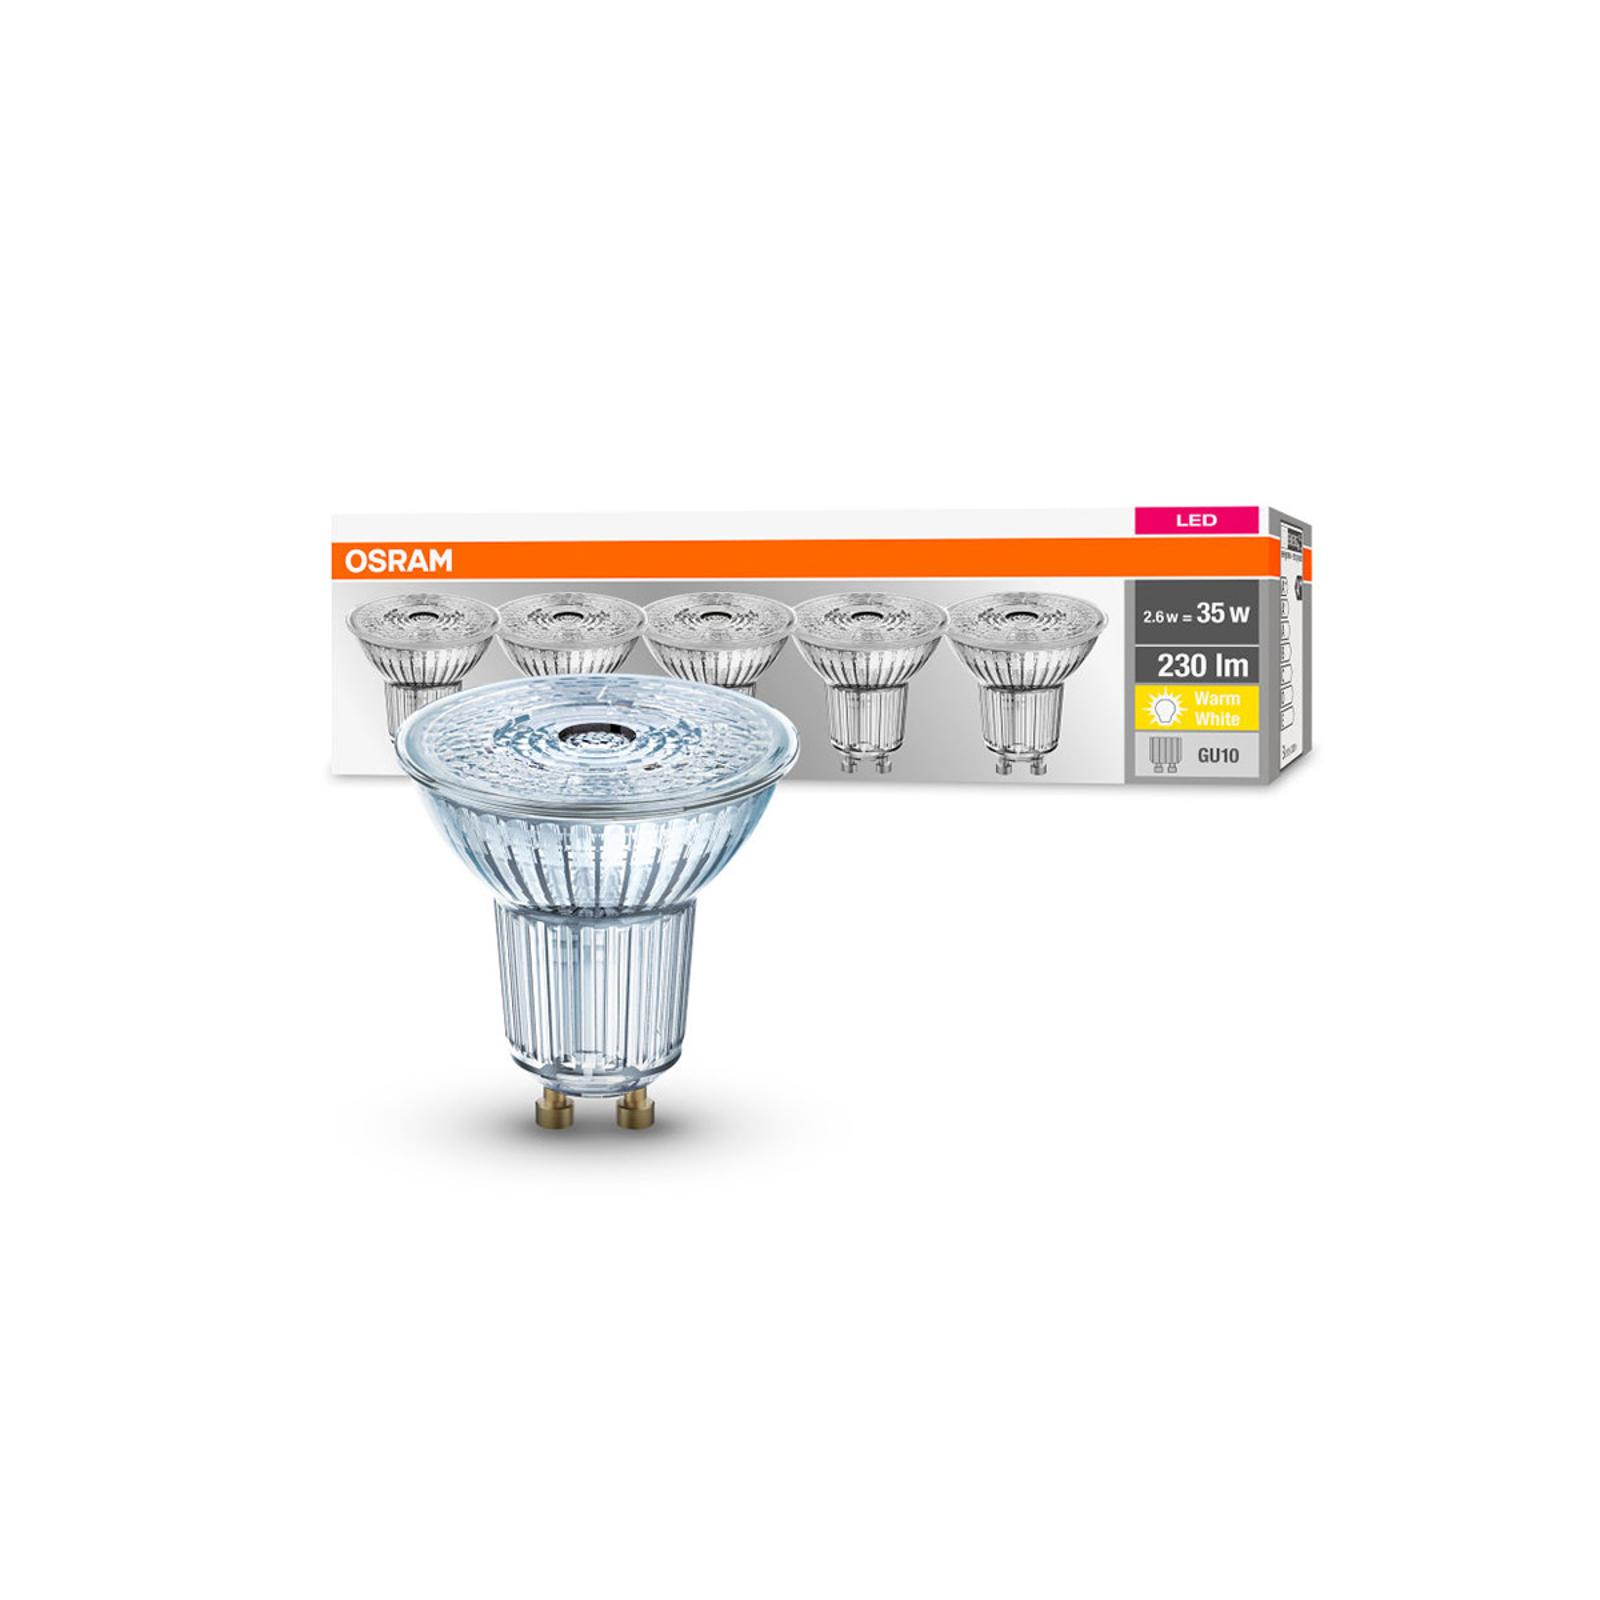 OSRAM LED-Reflektor GU10 2,6W 2.700K 230lm 36° 5er